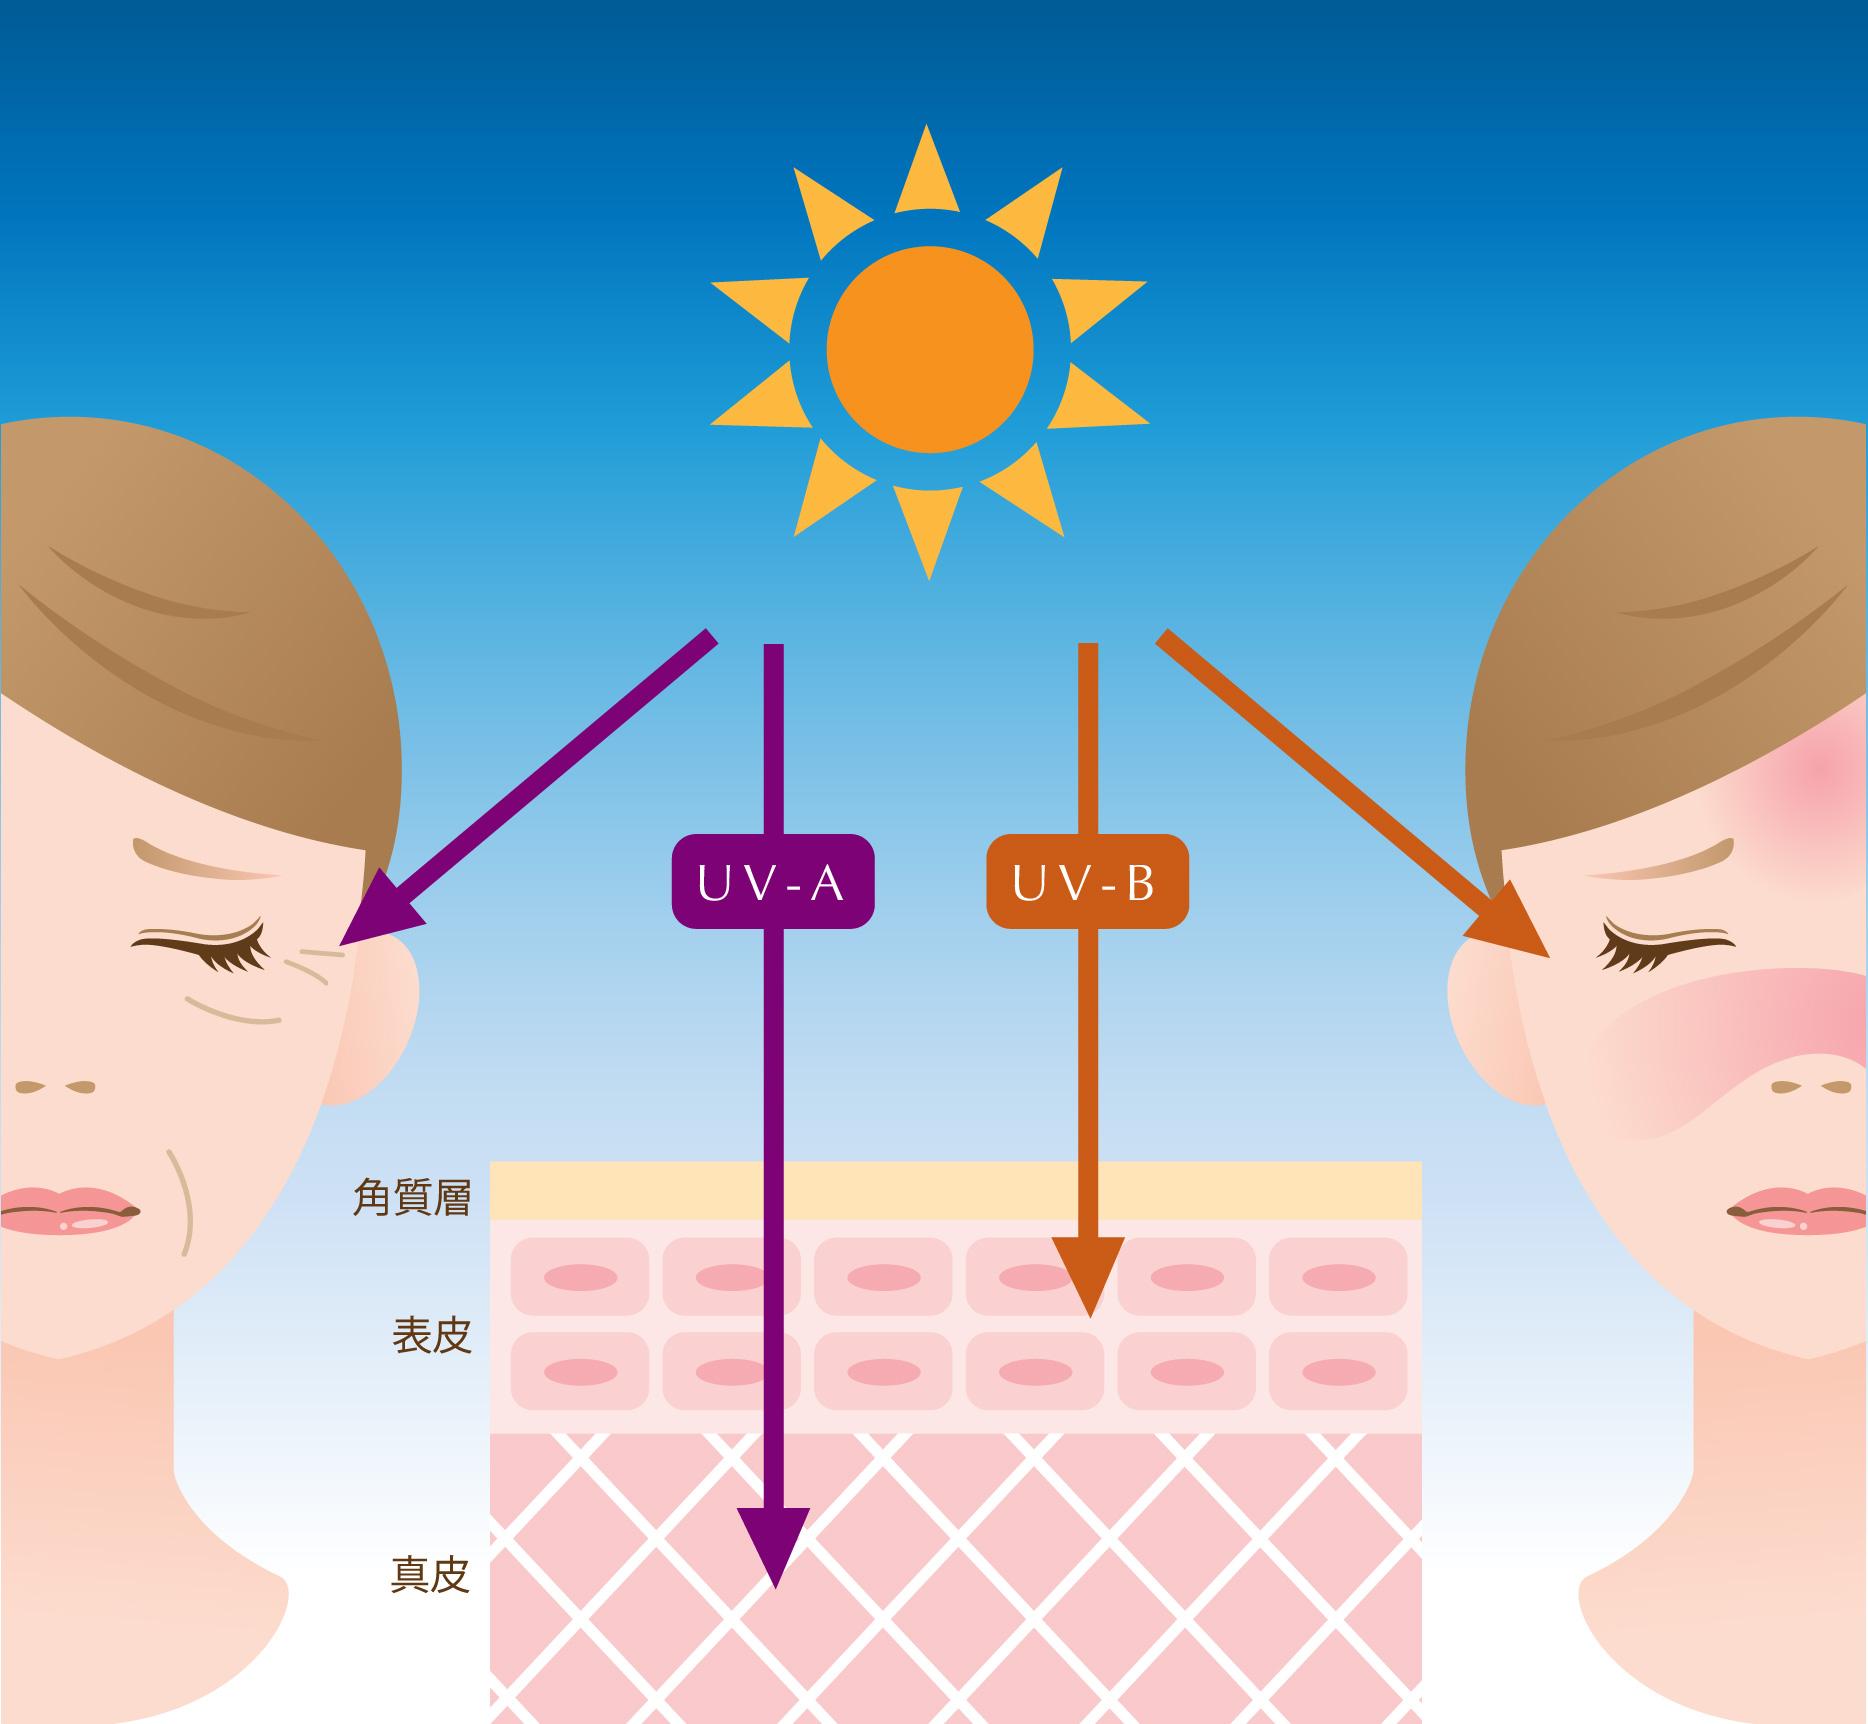 紫外線ダメージの説明画像